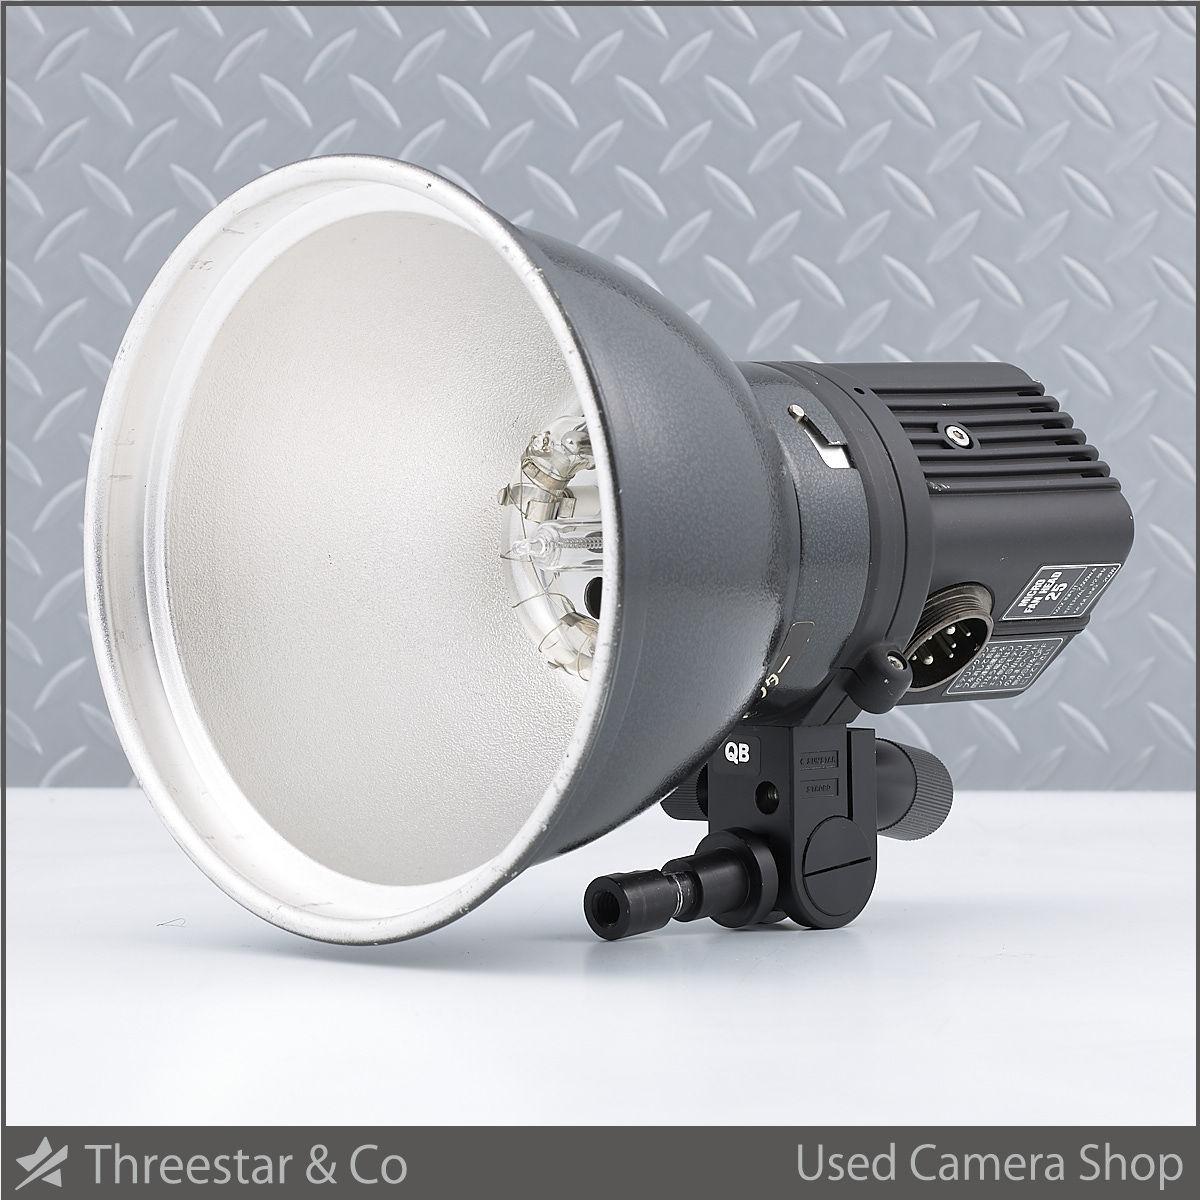 SUNSTAR STROBE サンスターストロボ MICRO FAN HEAD マイクロファンヘッド MFH-25 ケーブル無し ストレートリフ